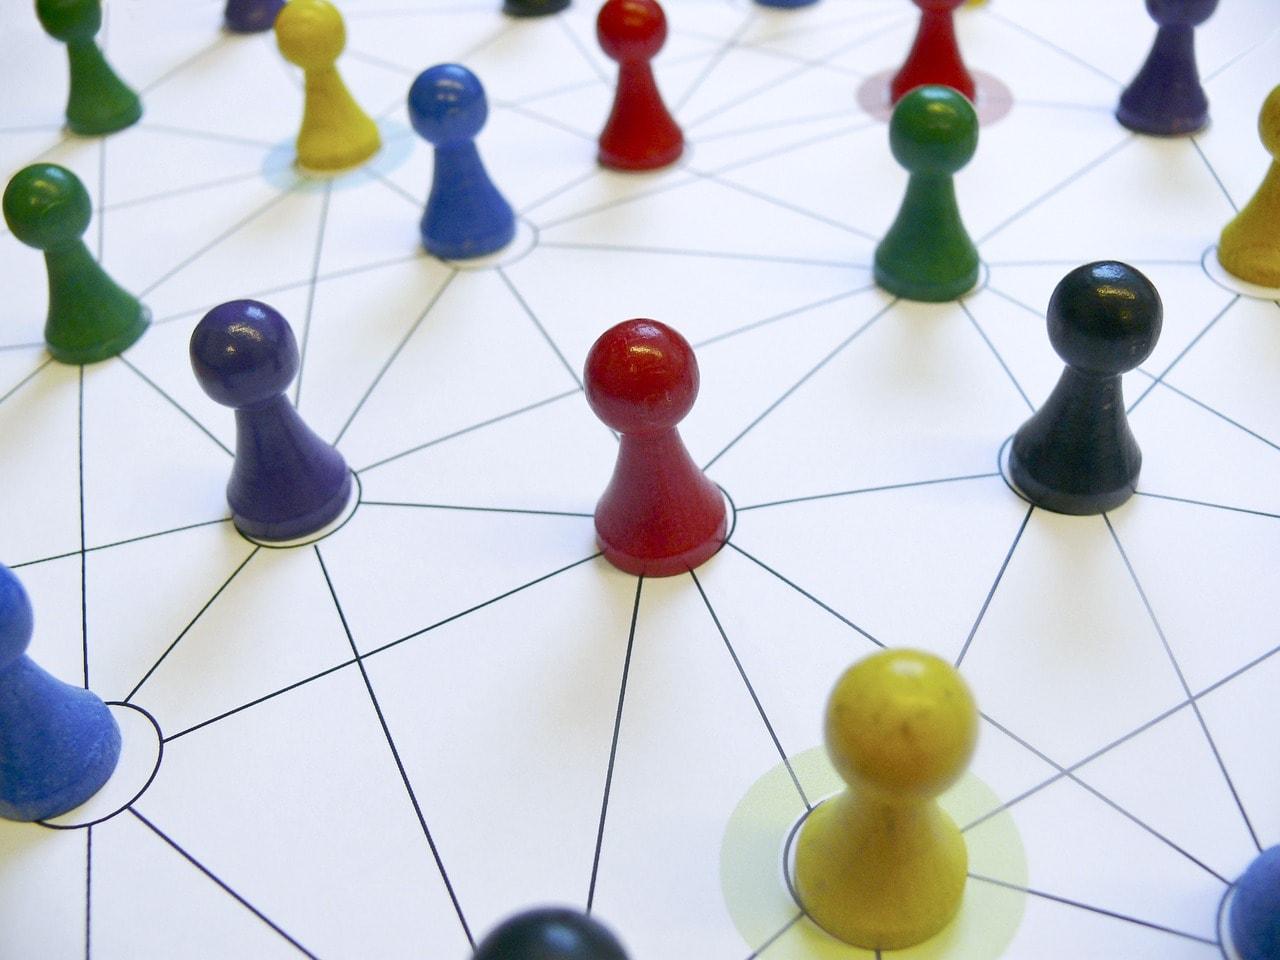 So geht netzwerken: Netzwerk aufbauen und Kontakte Pflegen